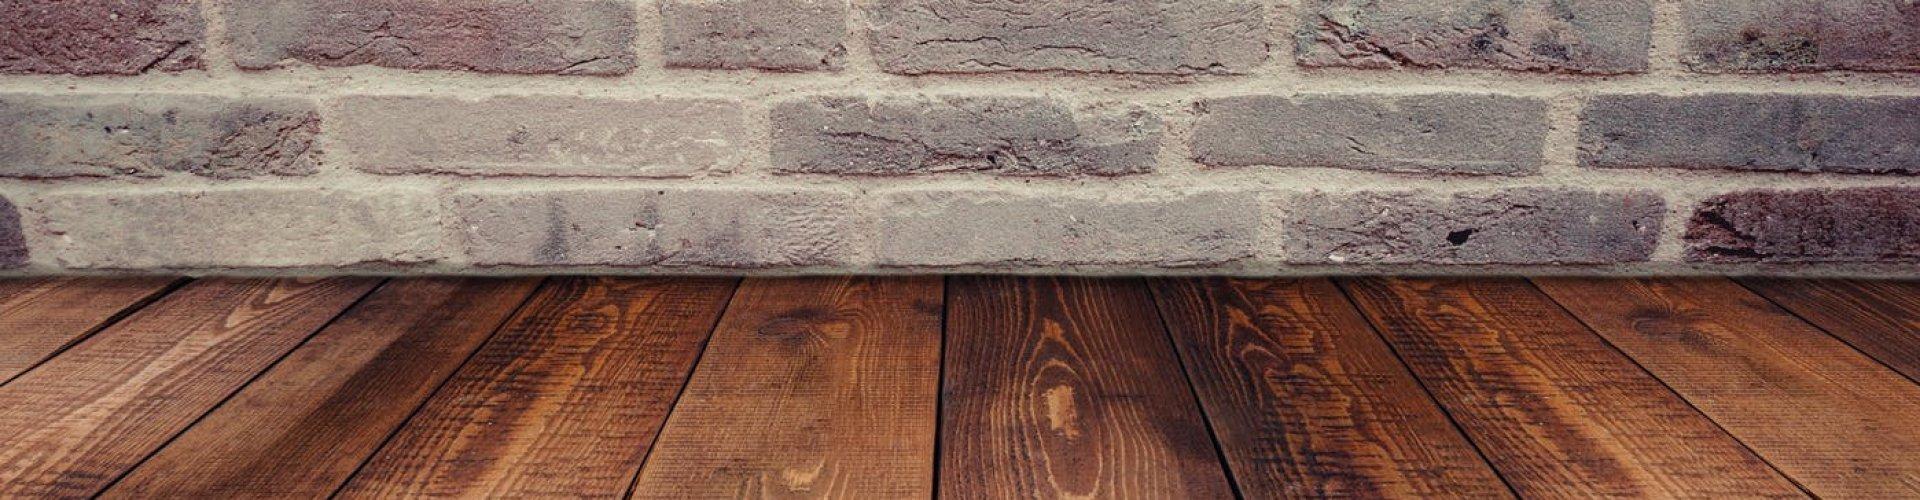 Stenen muur met een houten vloer